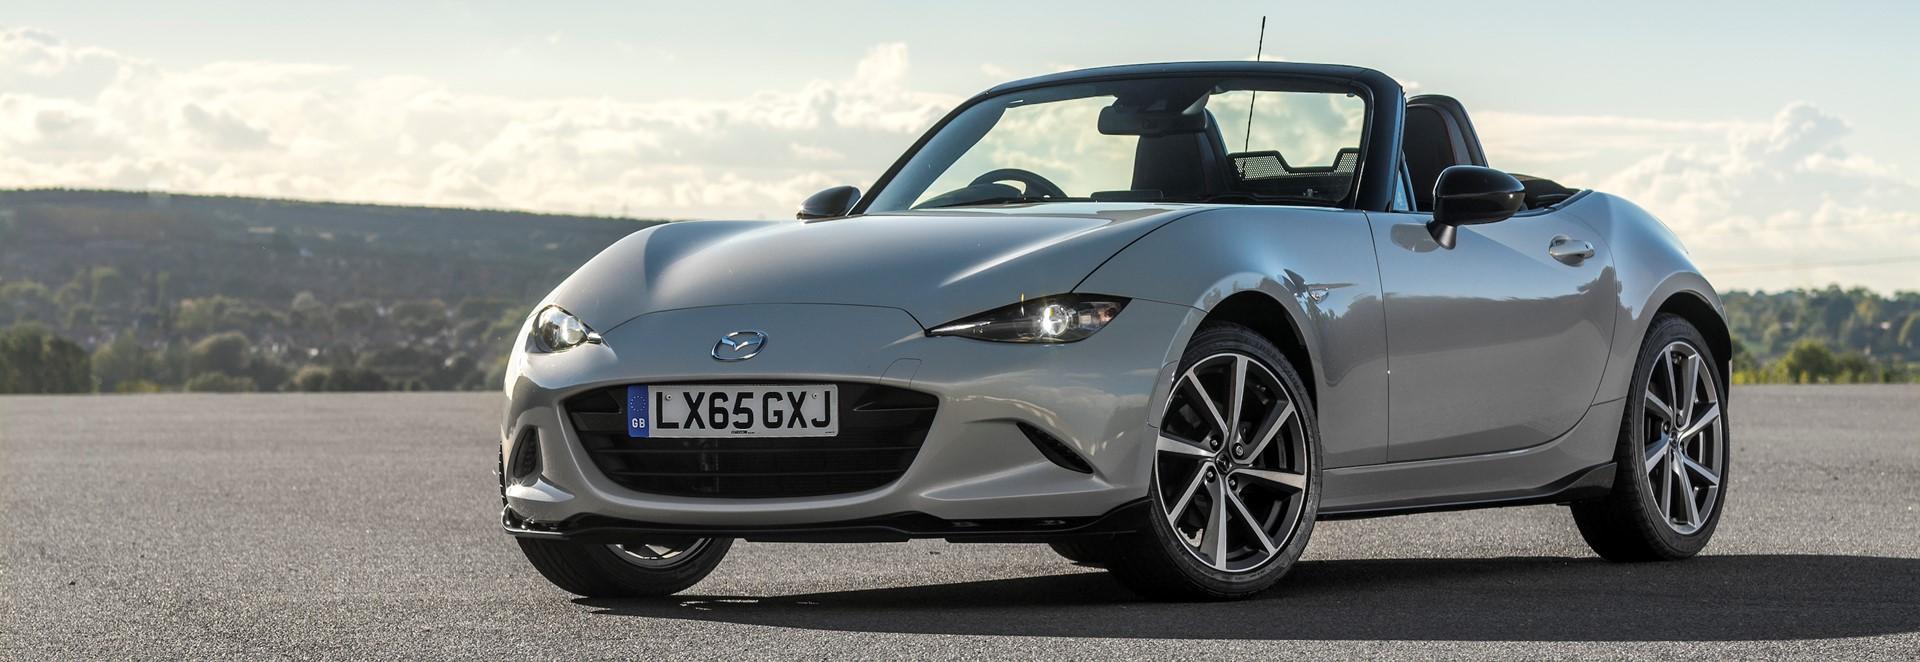 10 best sports cars under 20k car keys. Black Bedroom Furniture Sets. Home Design Ideas